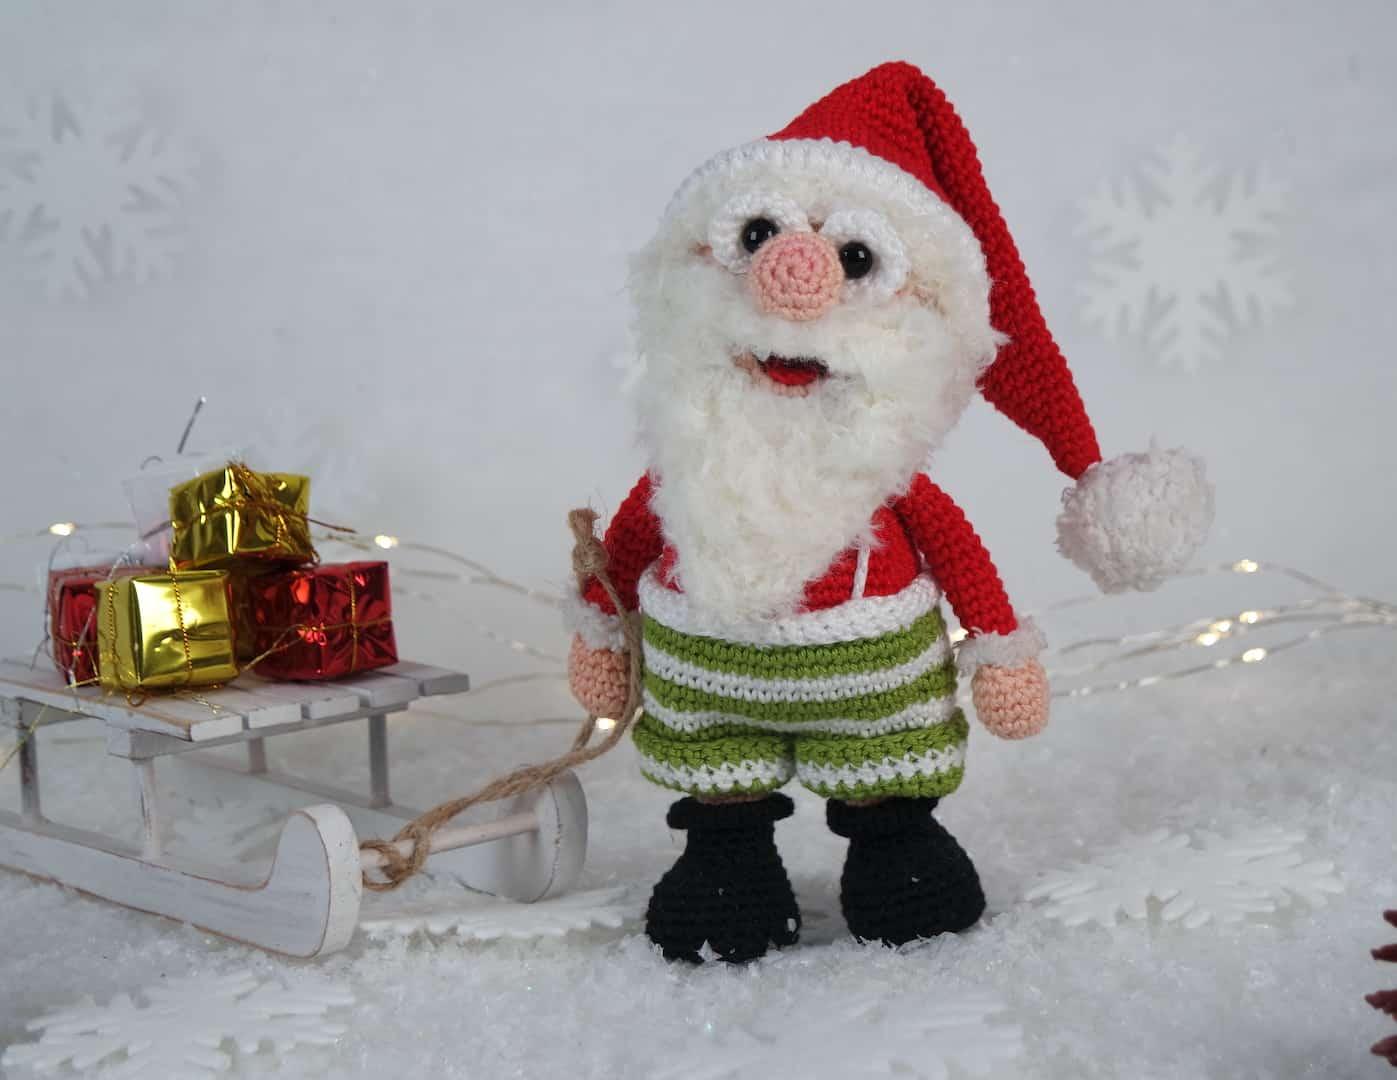 Amigurumi Weihnachtsmann häkeln – kostenlose & einfache Anleitung ... | 1080x1397